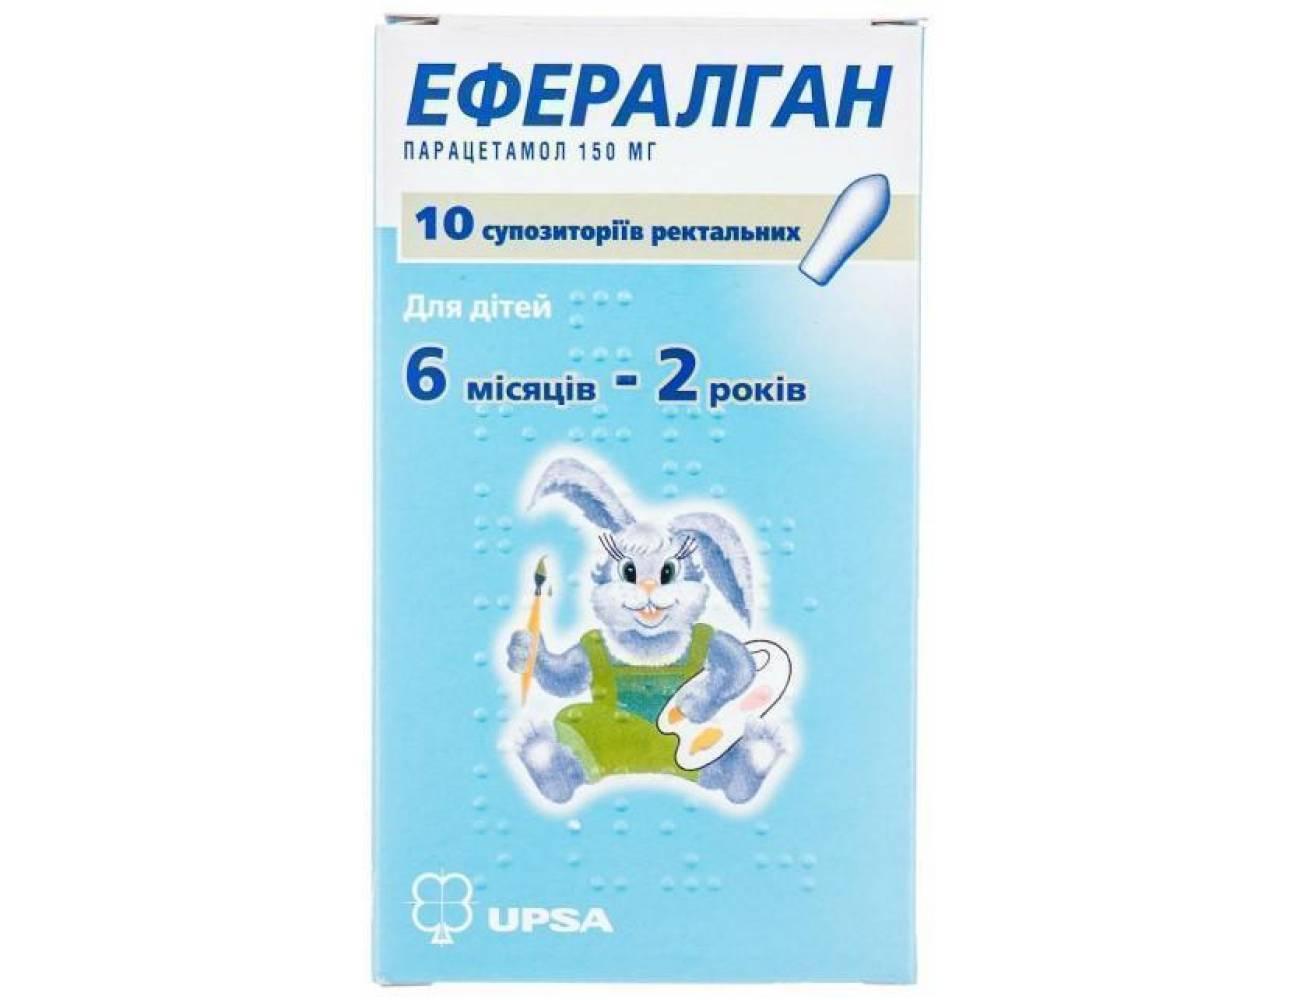 Эффералган: свечи для детей — инструкция по применению препарата (80, 150, 300 мг)